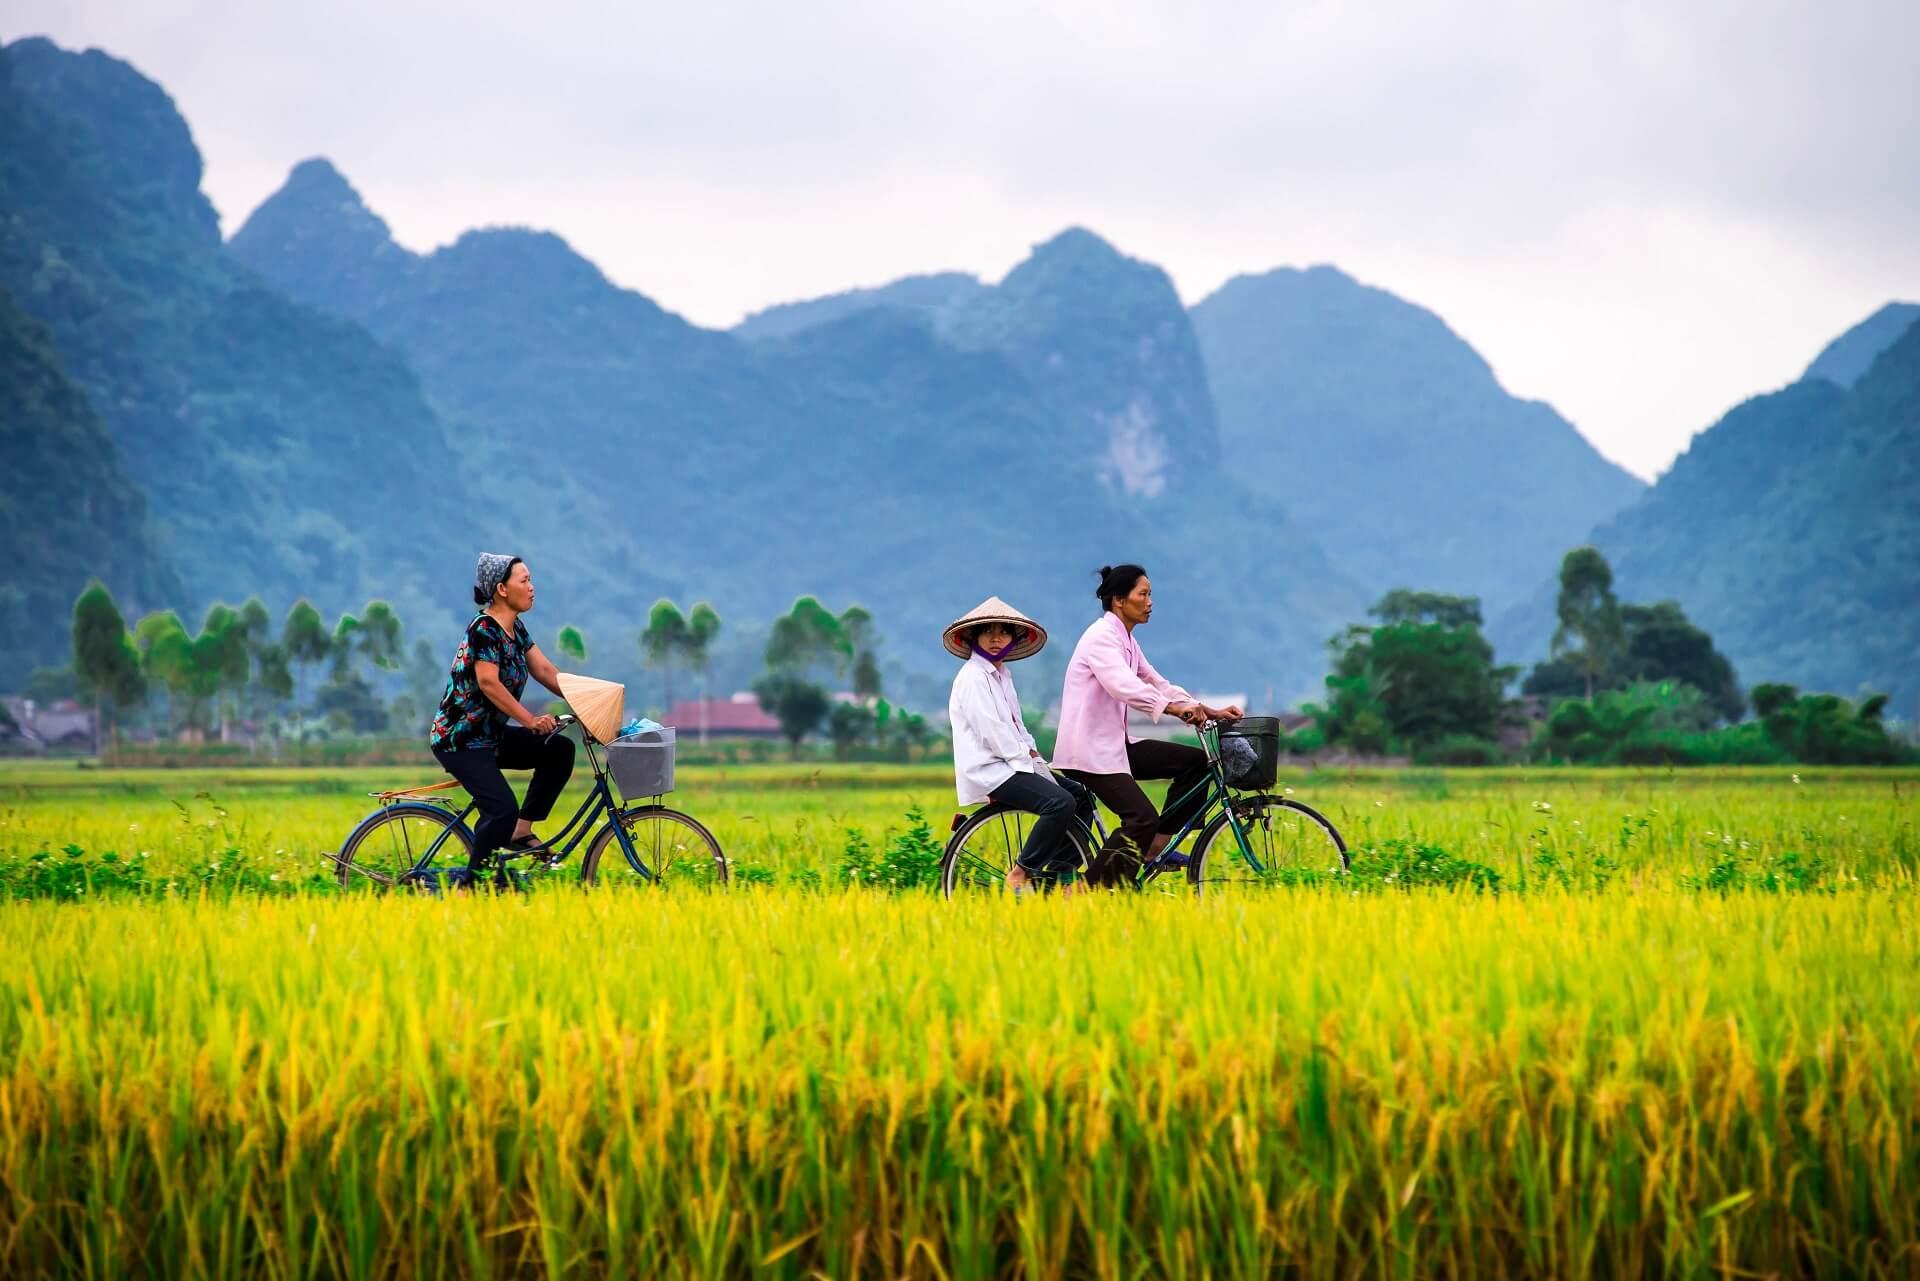 Vietnam bietet seinen Reisenden eine wunderschöne Natur an den Küsten und im Innenland